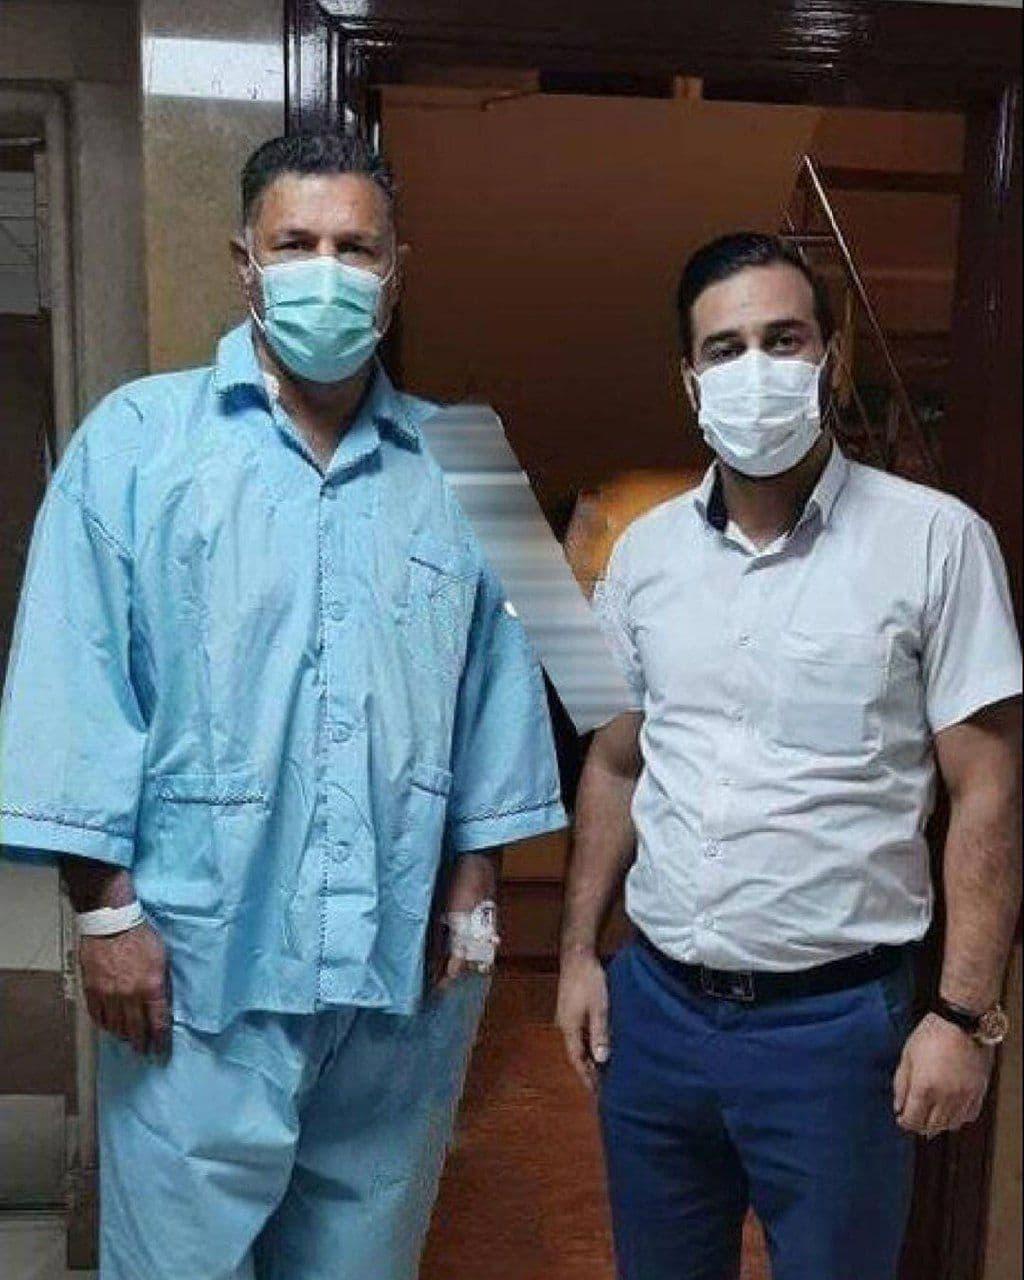 علی دایی در بیمارستان بستری شد+عکس